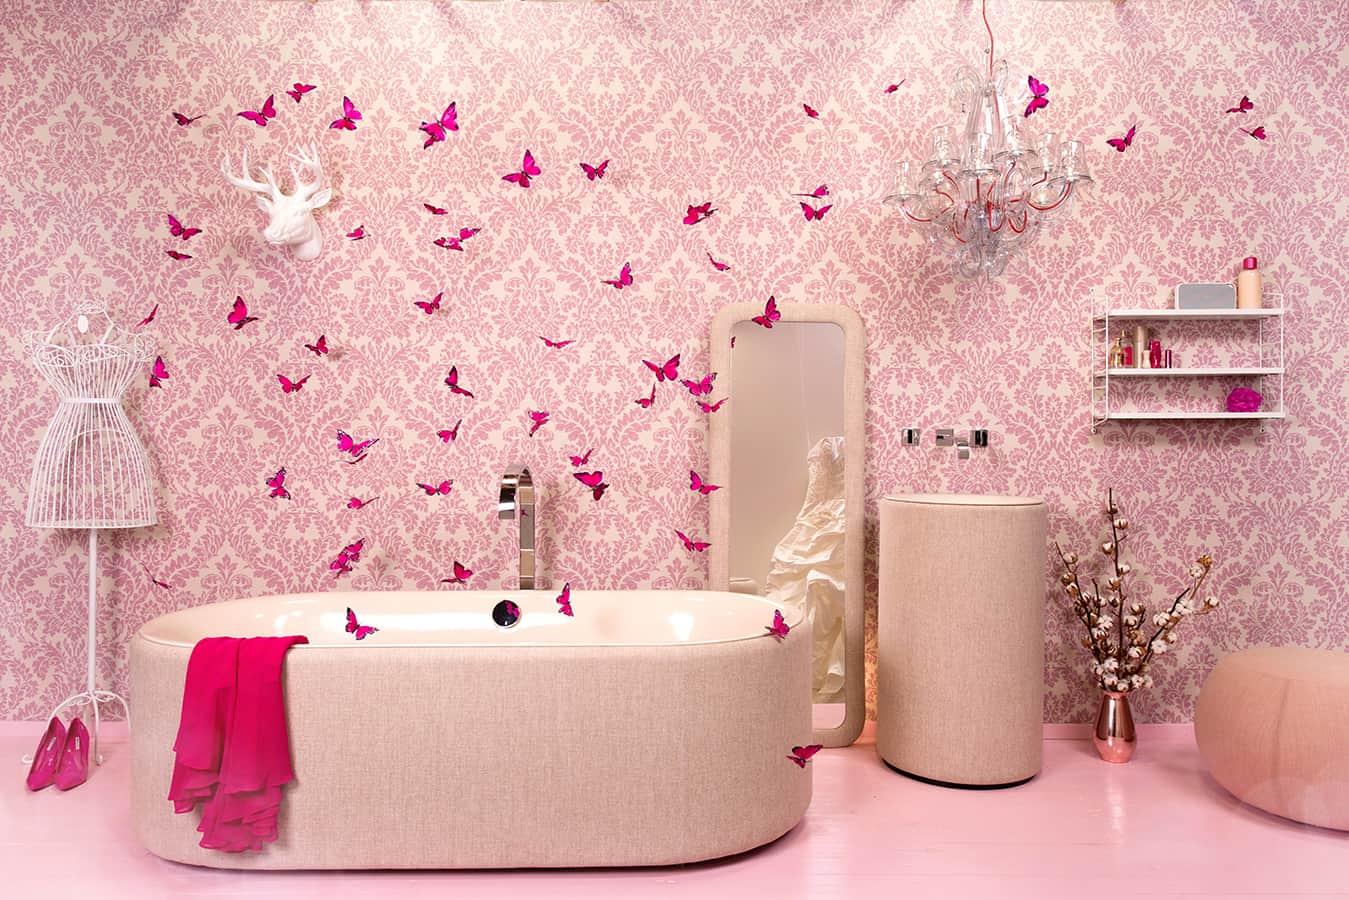 Exposition «Pop Up My Bathroom» sur le salon ISH 2017. Un forum répondant à travers huit tendances aux besoins de l'individualité et de la personnalisation au sein de la salle de bains. Univers «Fashion».